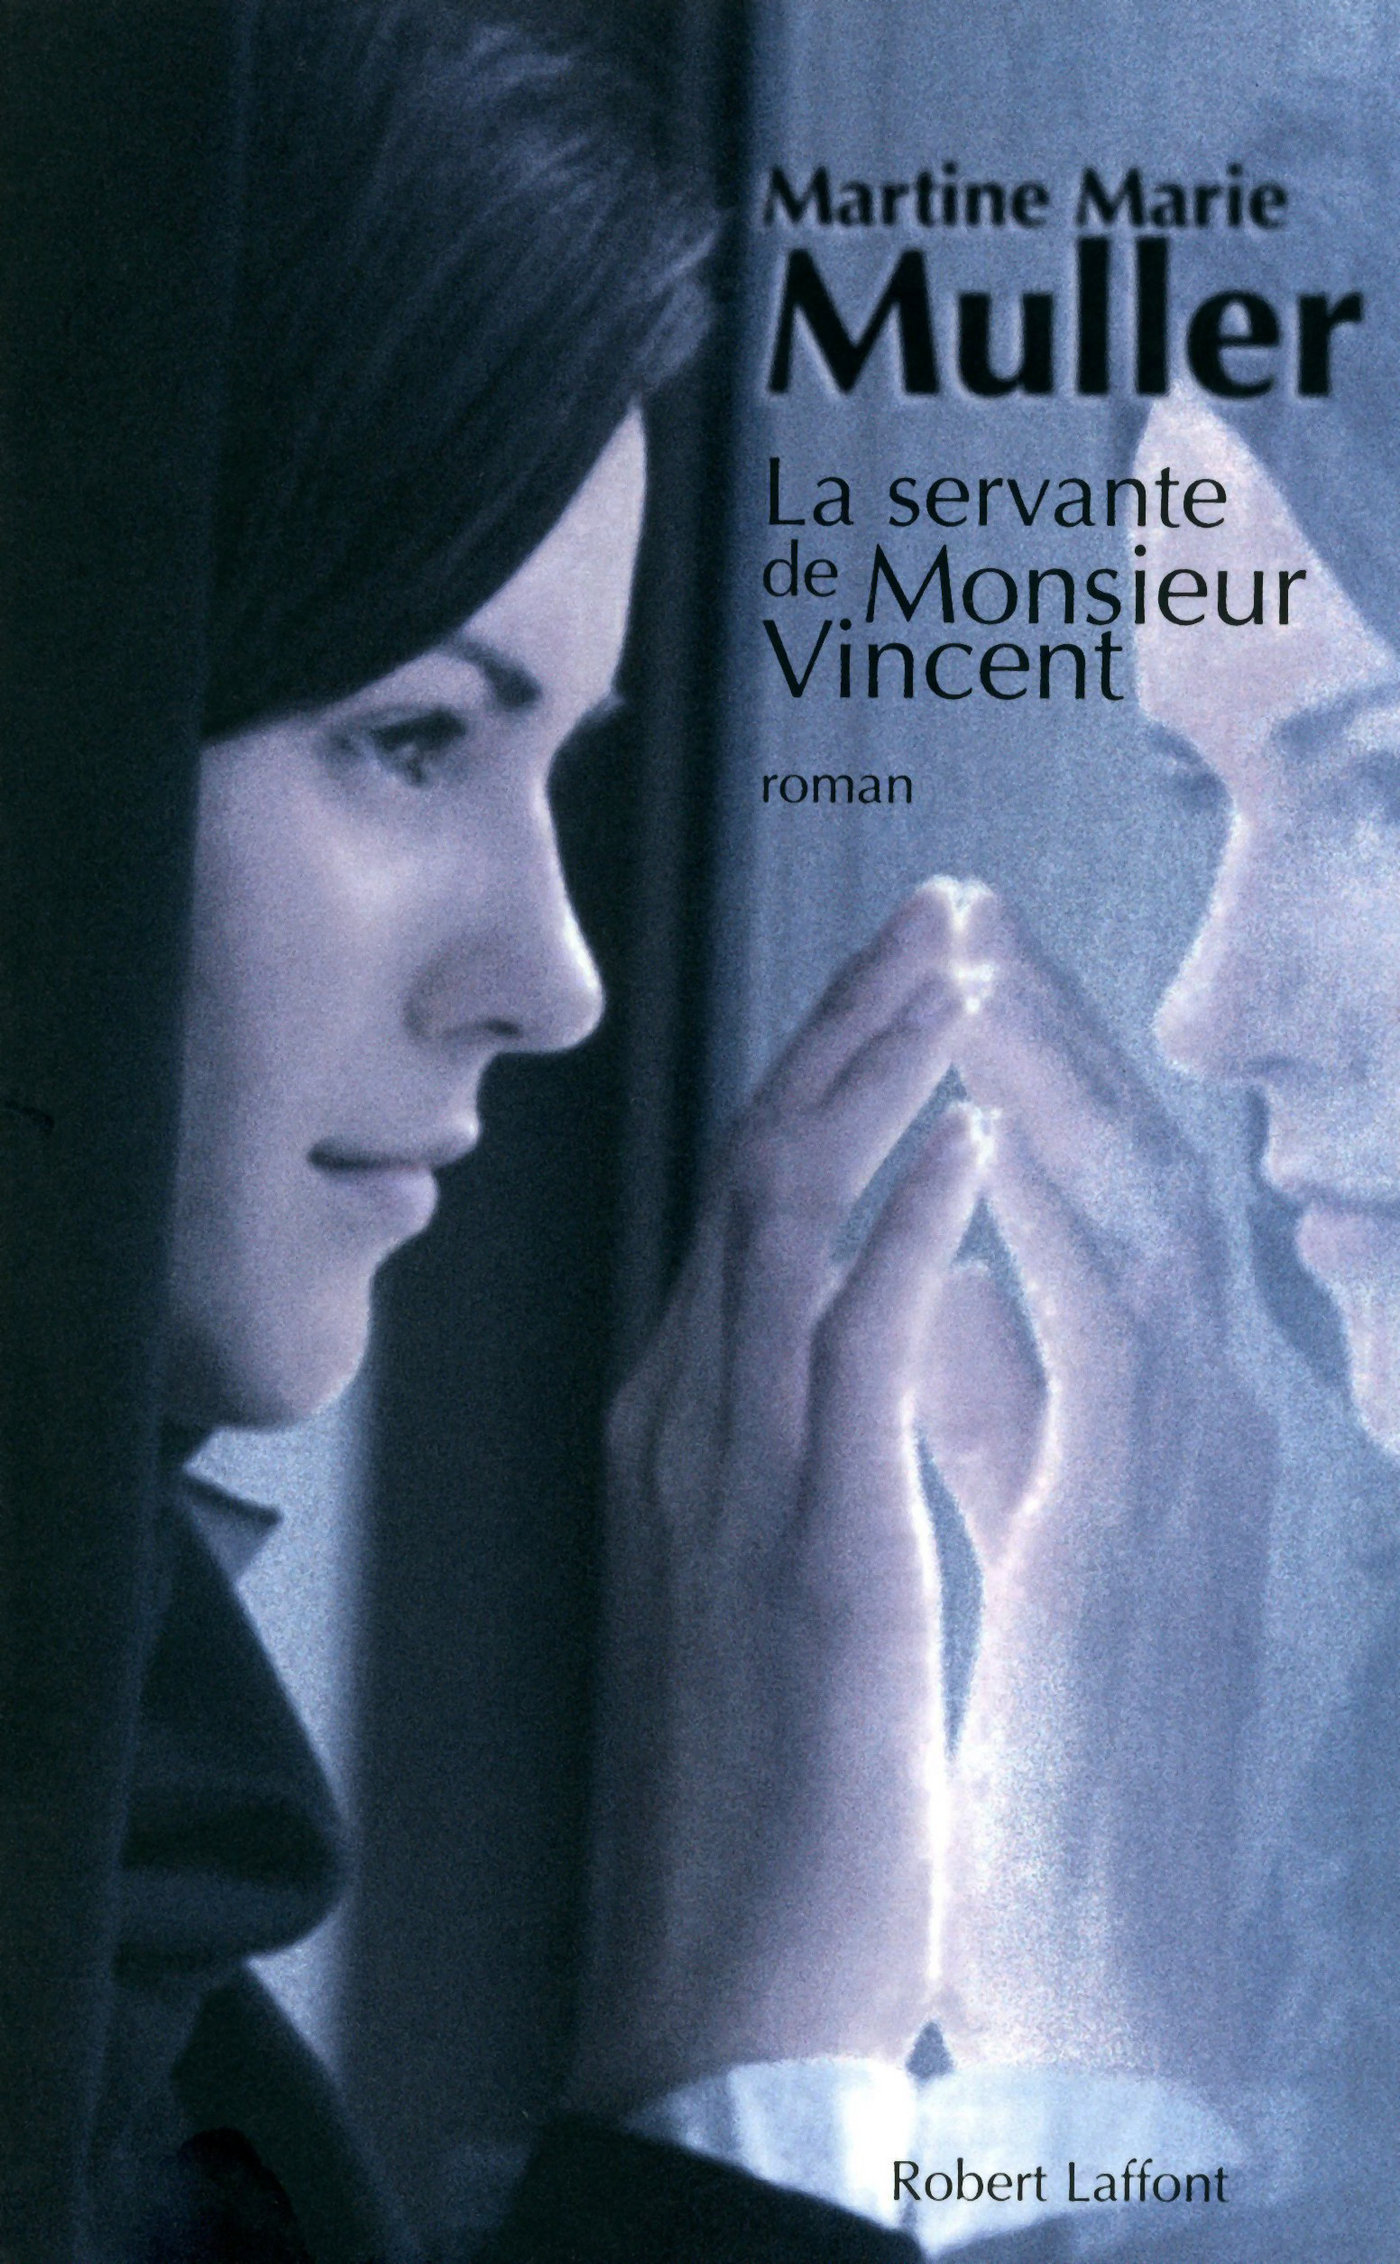 La Servante de Monsieur Vincent